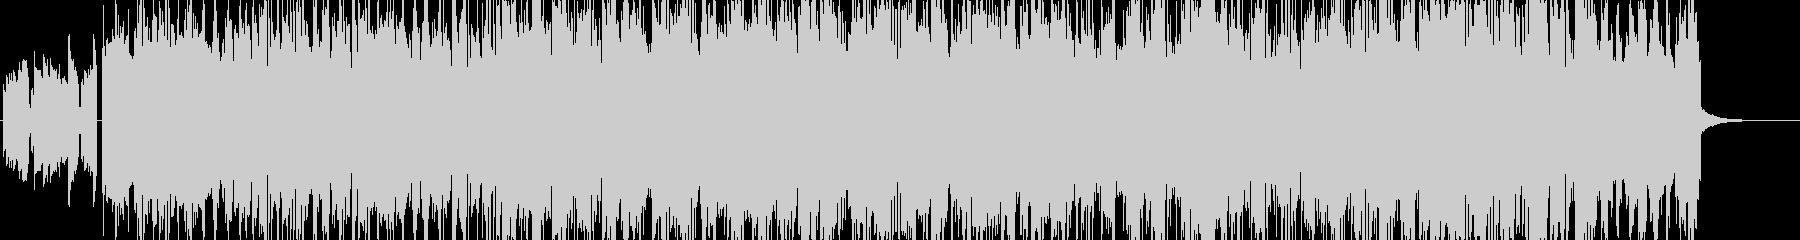 メロウな洋楽Pops/Lo-fi/チルの未再生の波形